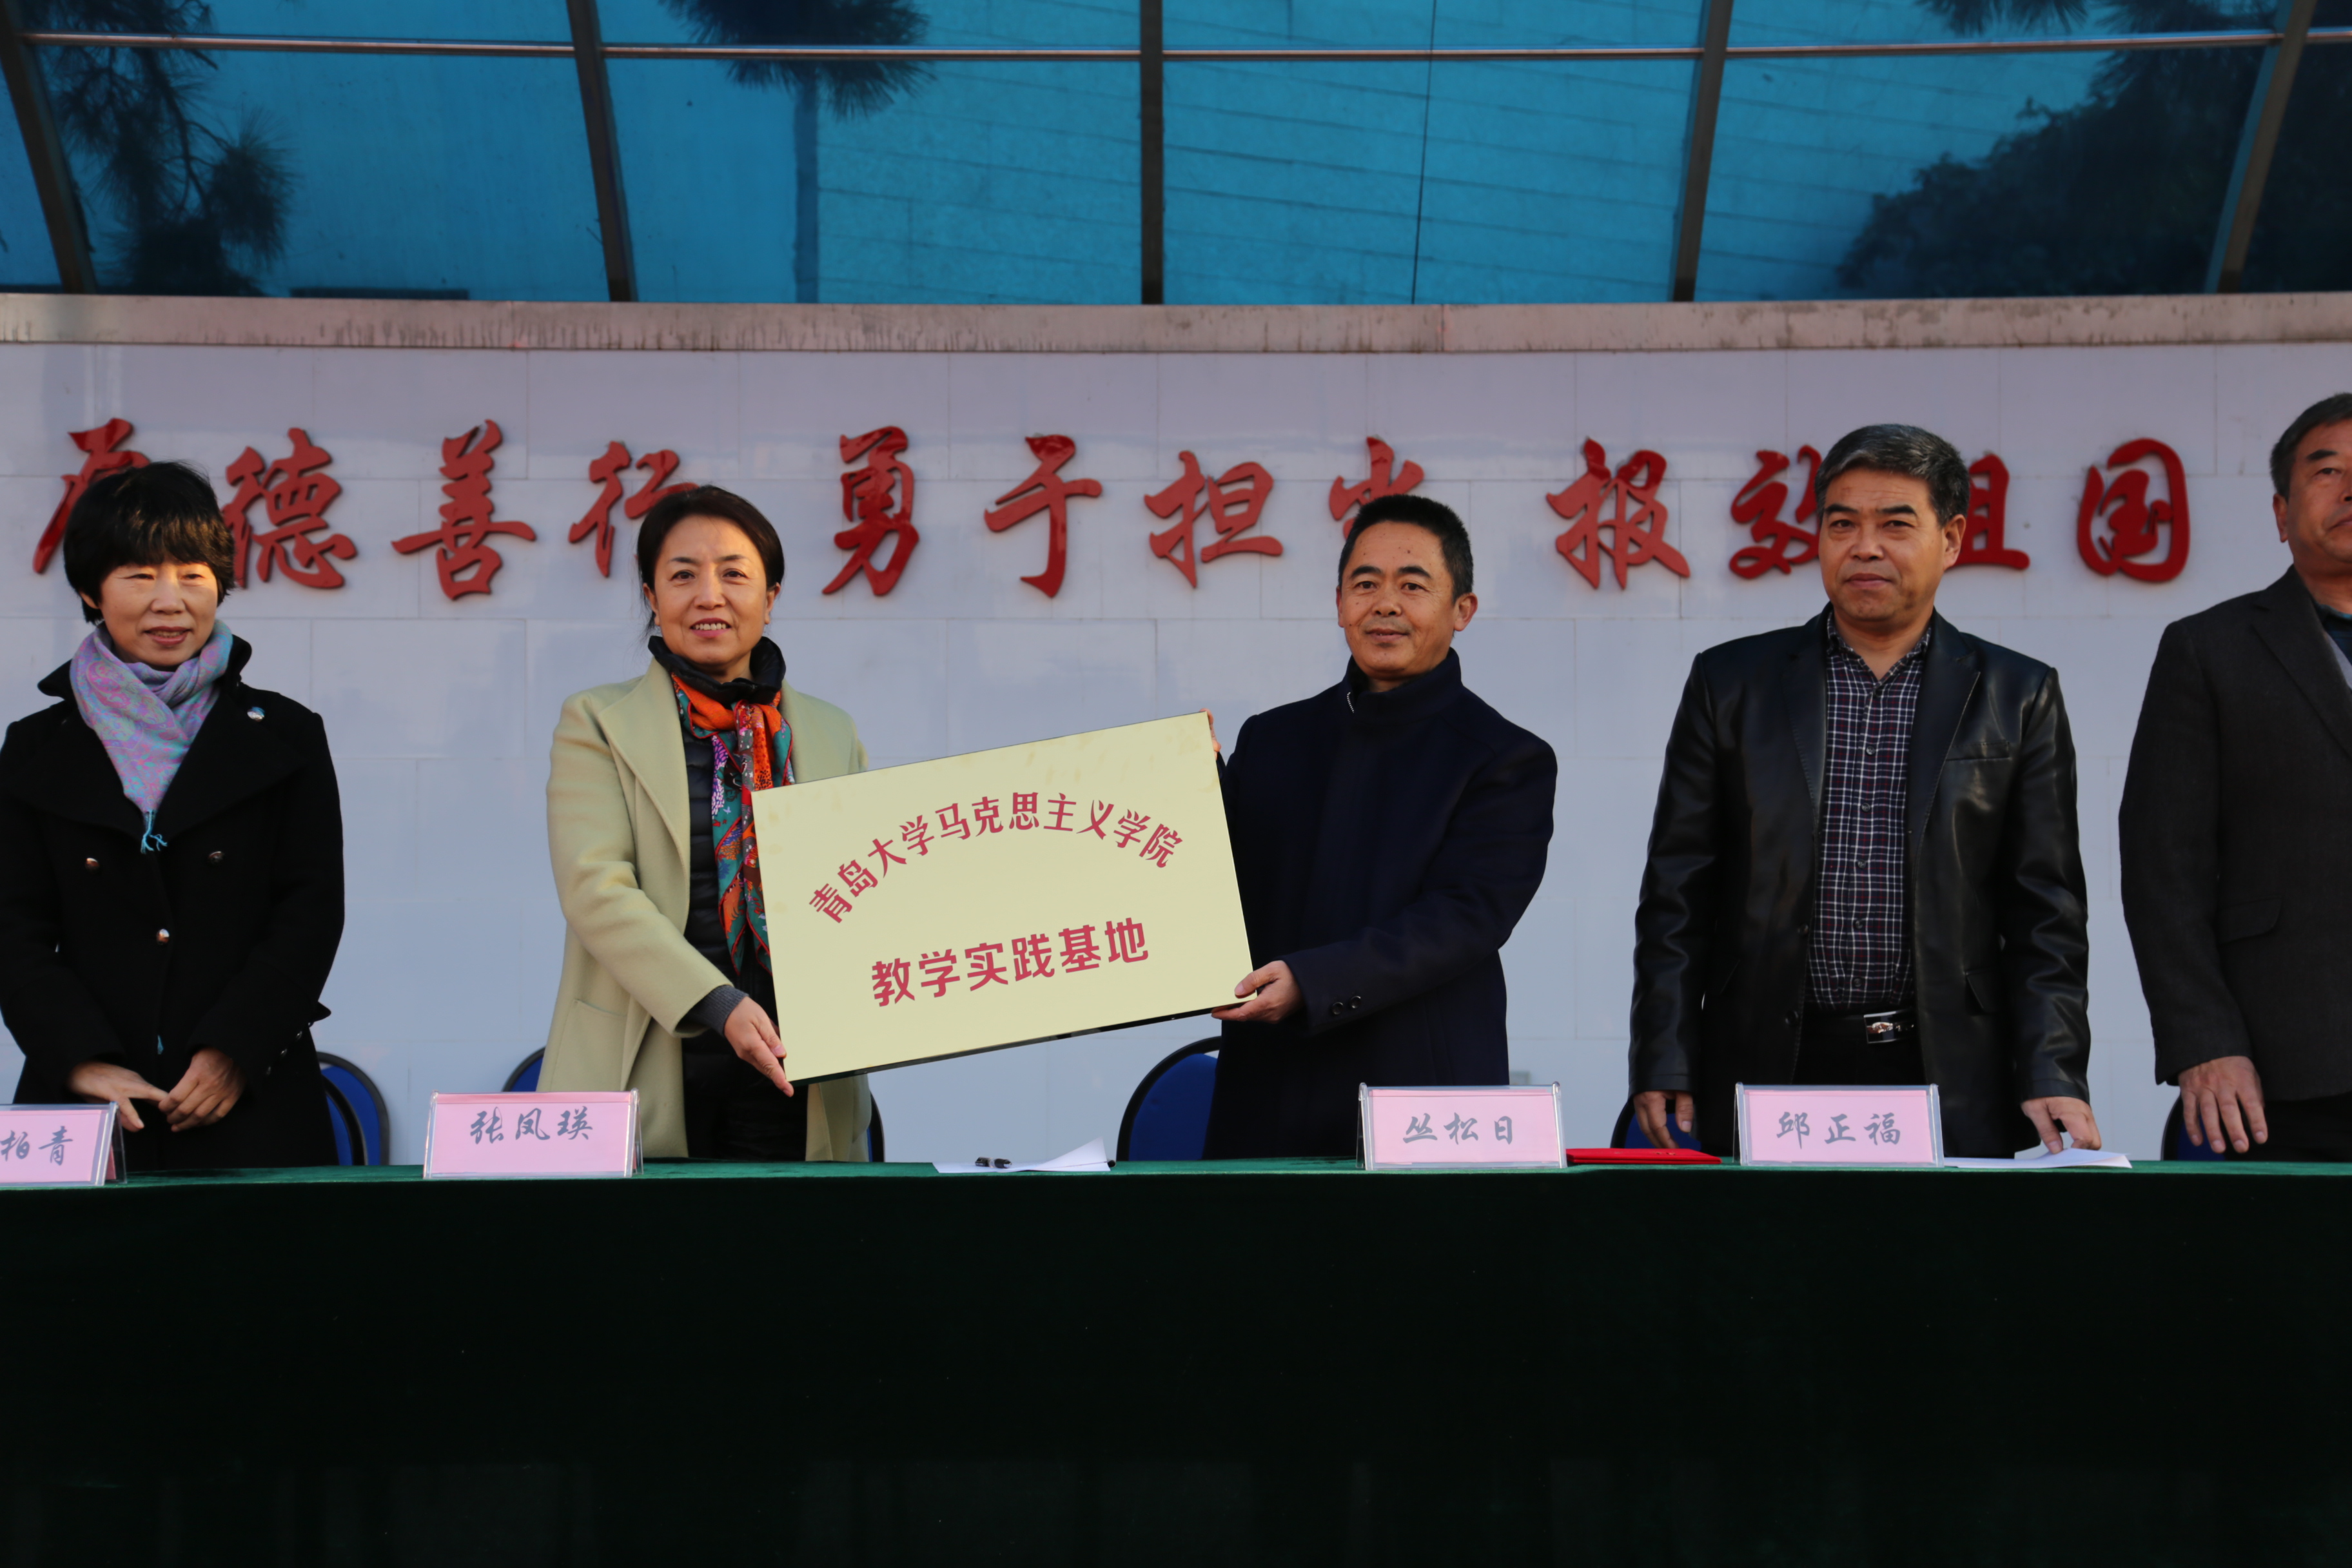 青岛大学马克思主义学院与青岛大学附属中学共建教学实践基地举行签约